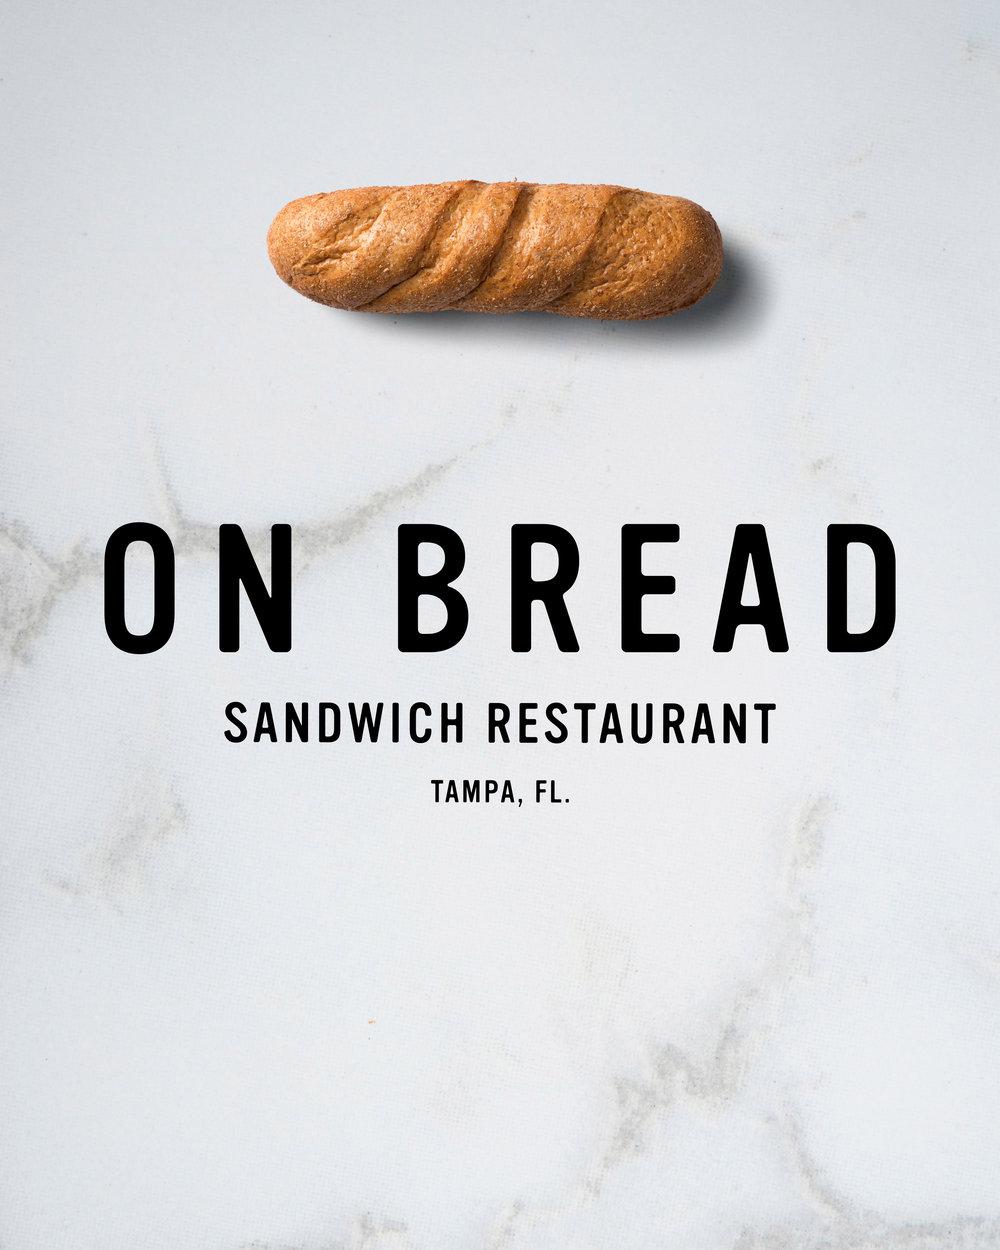 on bread logo.jpg